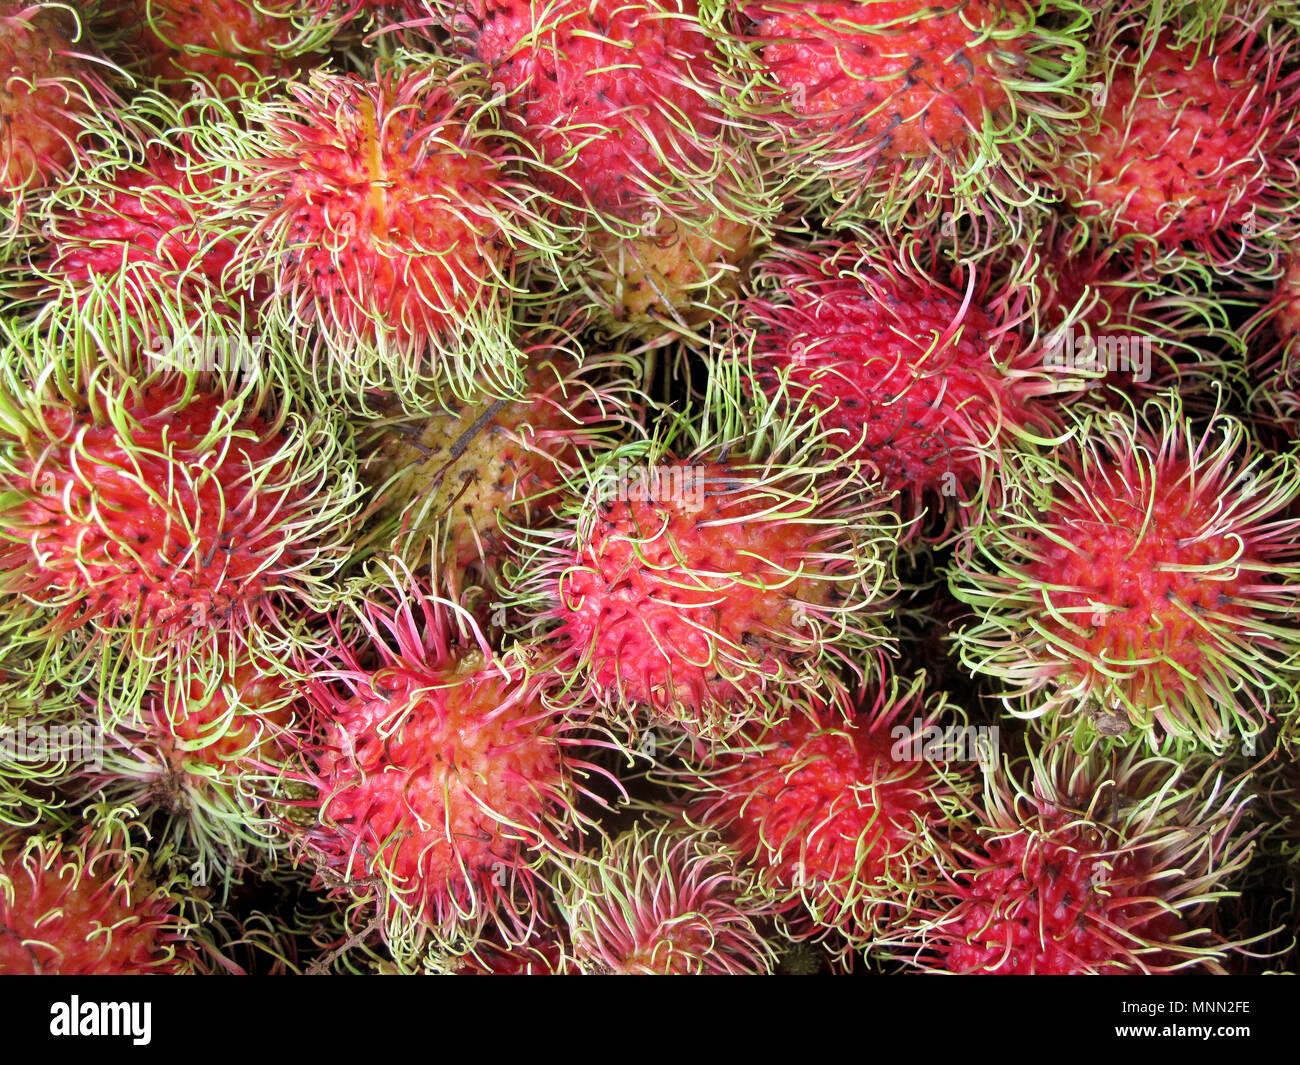 Rambutan, Nephelium Lappaceum, die litschi wie Obst mit langen Haken Stacheln, Costa Rica, Mittelamerika Stockbild